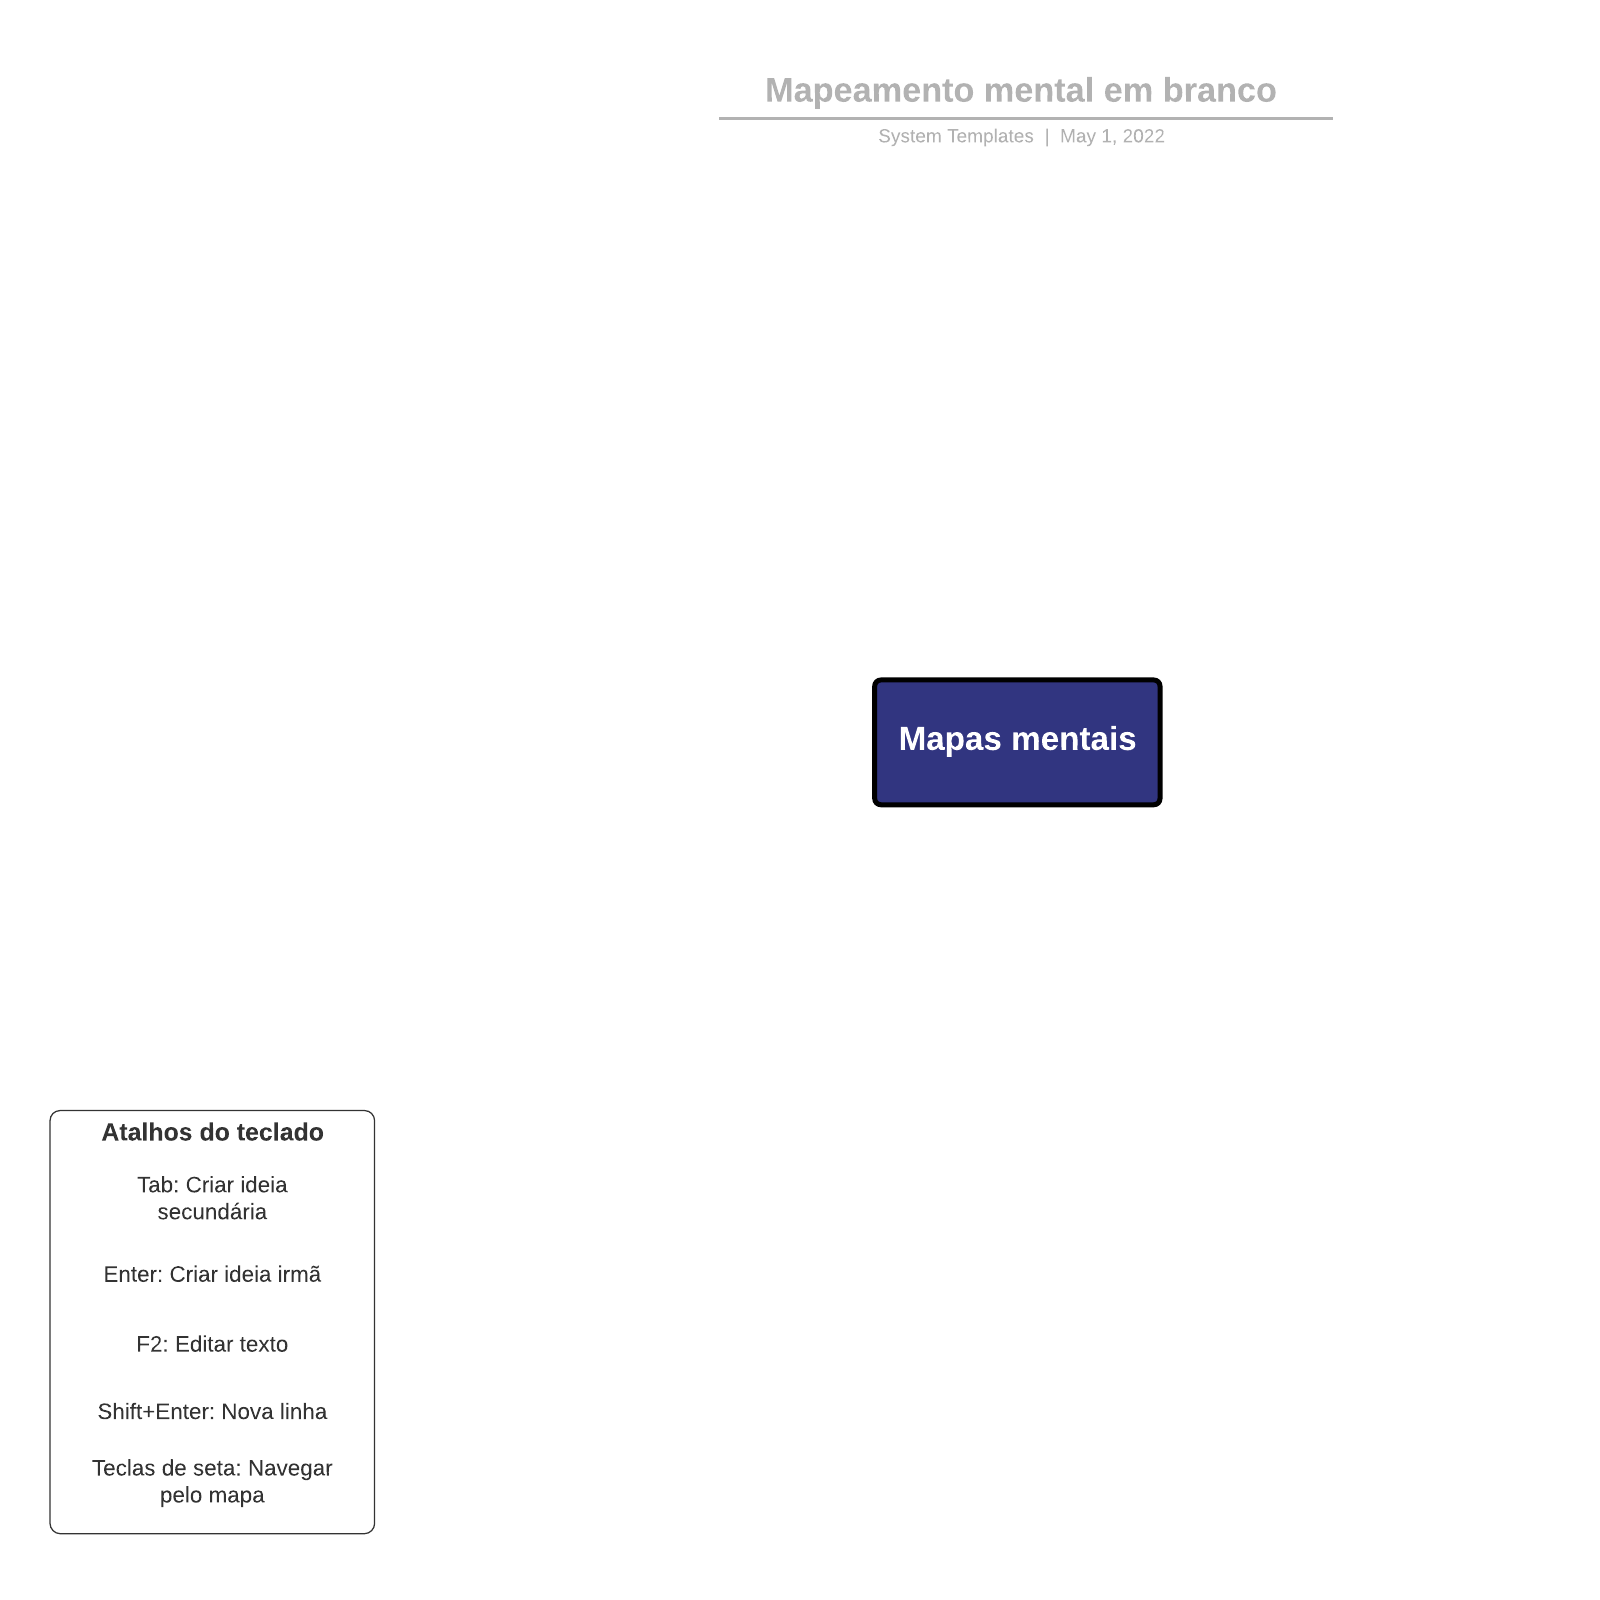 Mapeamento mental em branco